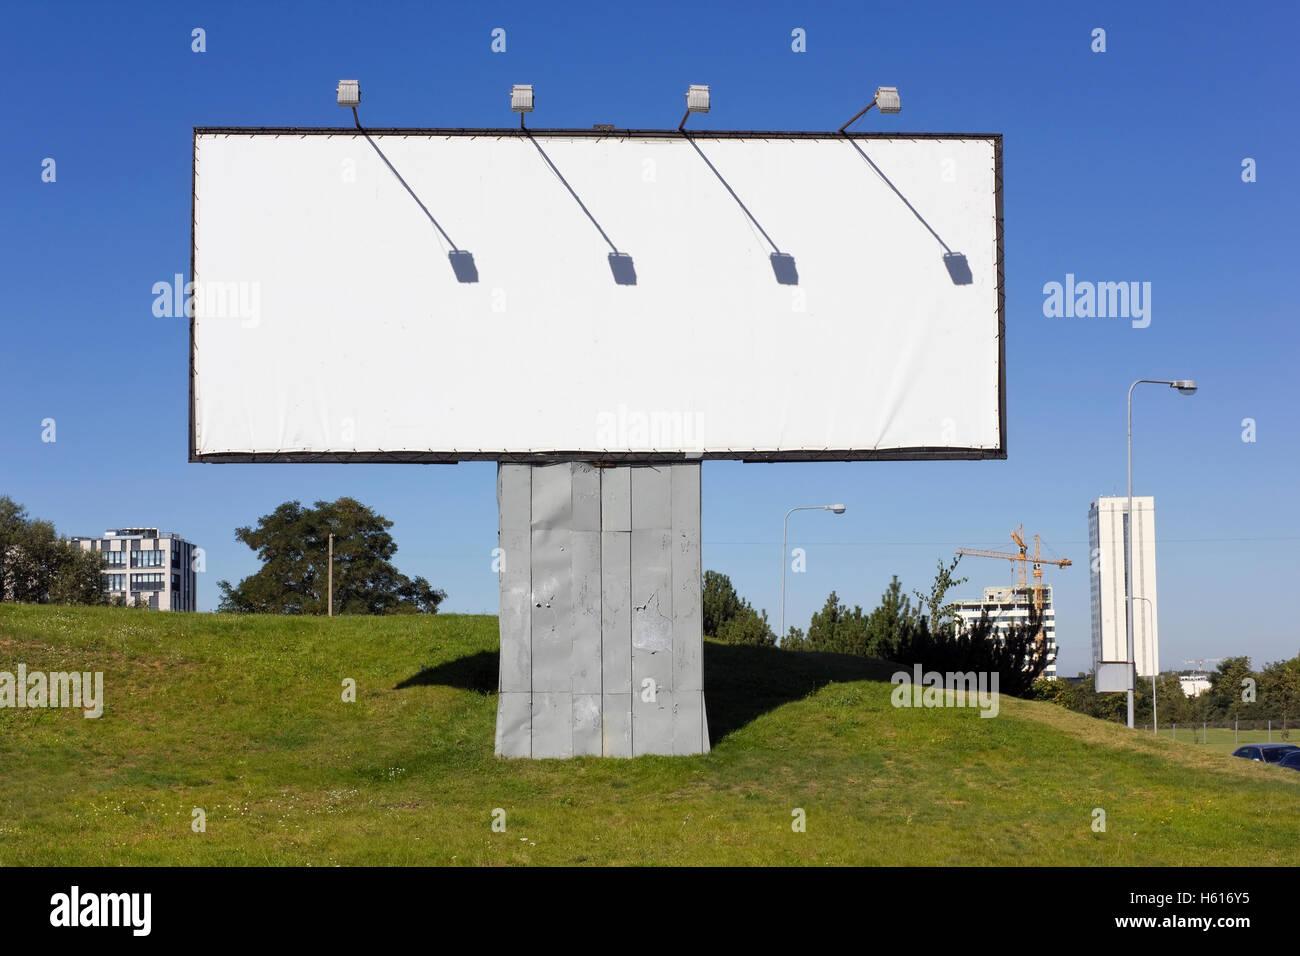 Die städtischen Metall Massenproduktion leeren Plakatwand für ...